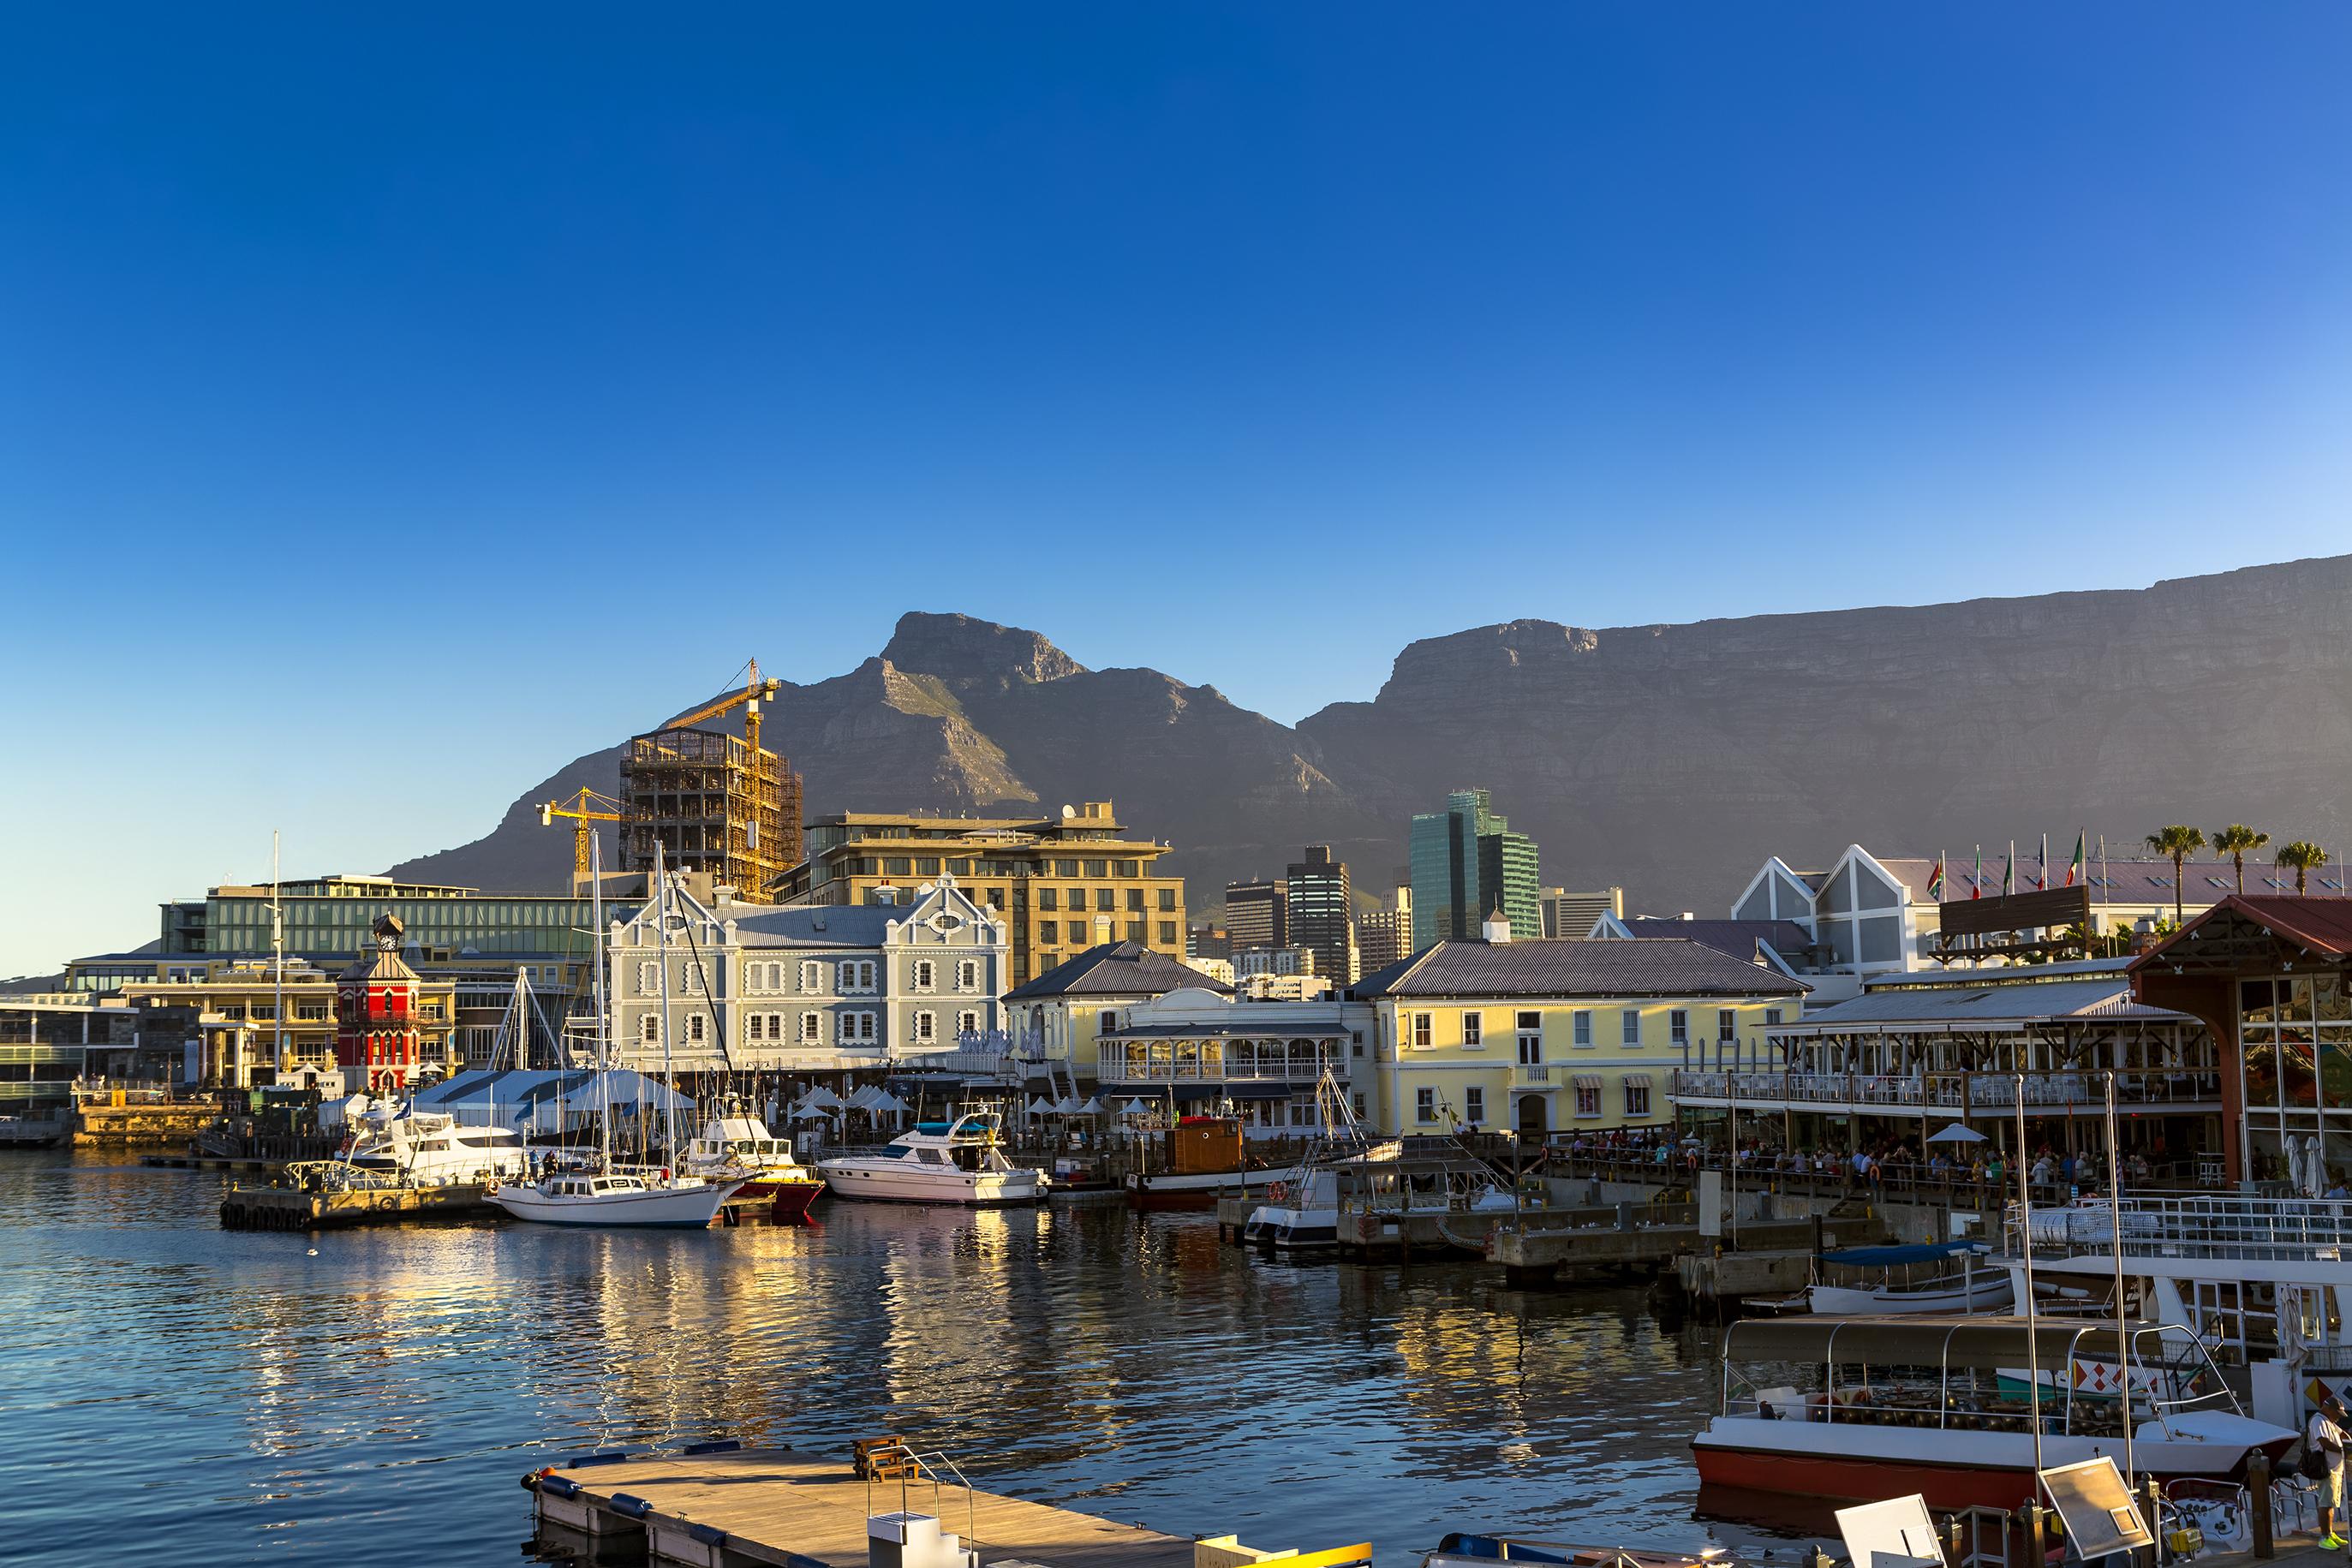 Hafen in Kapstadt